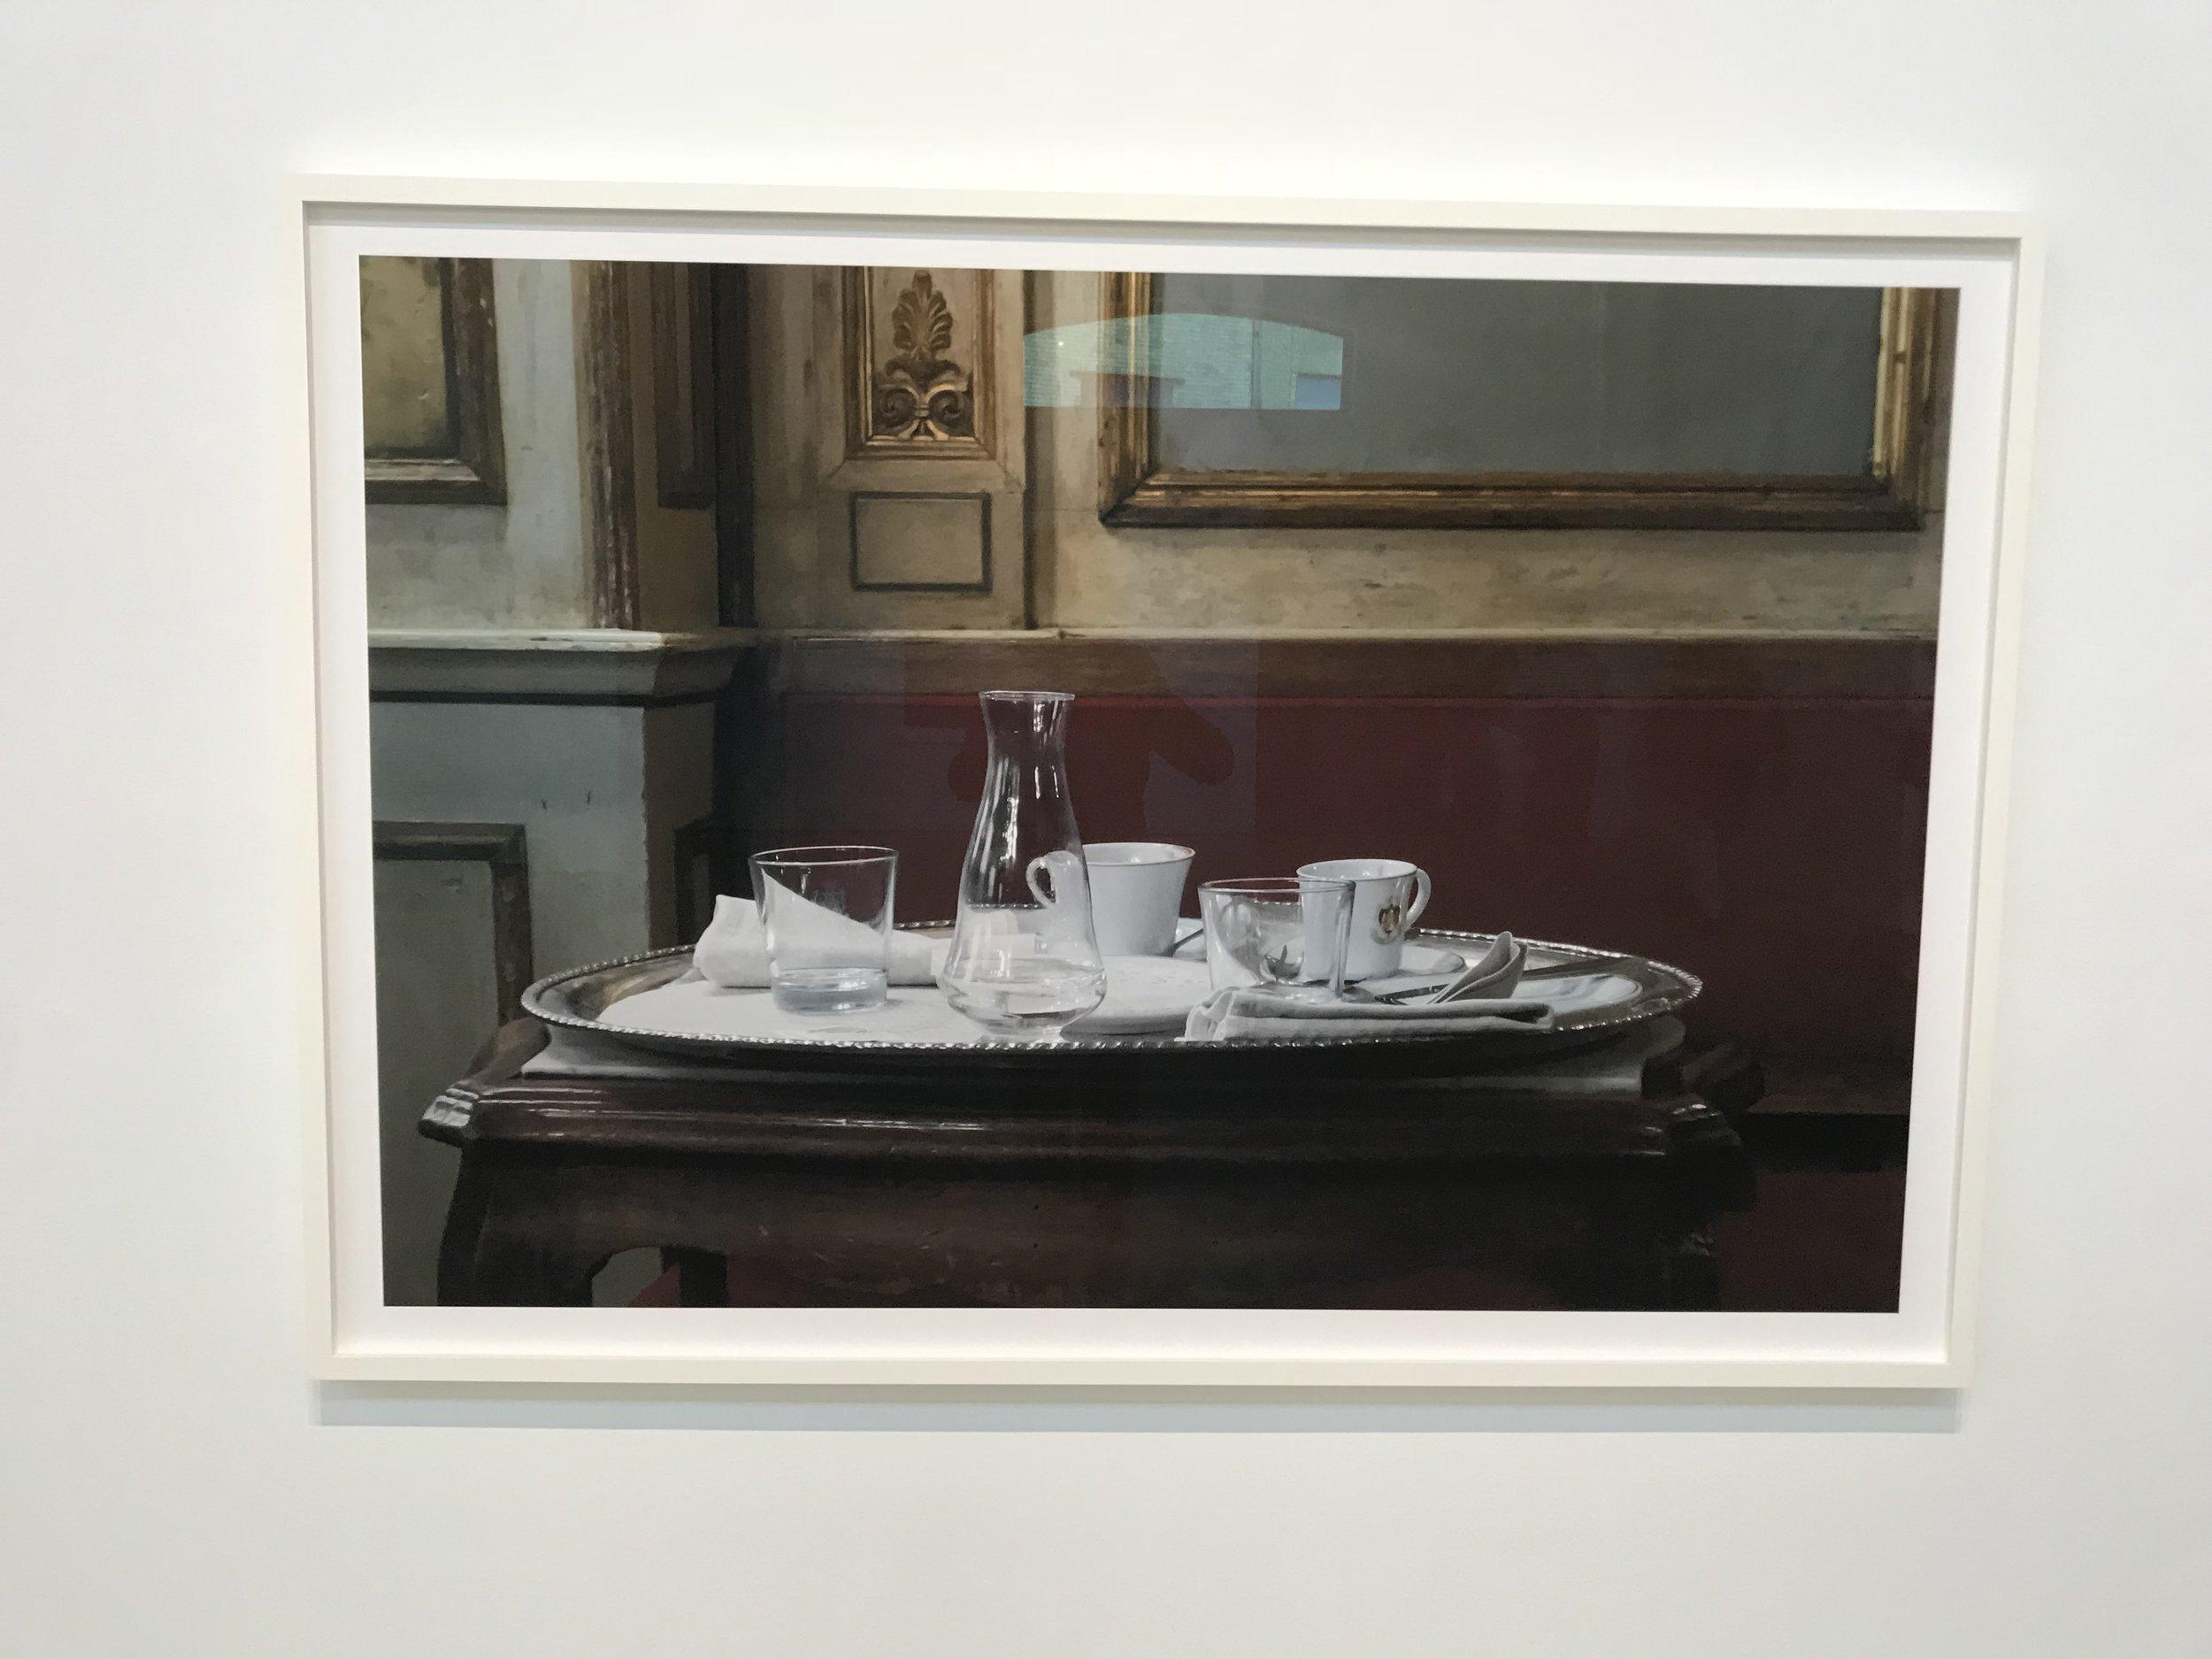 Venice Cafe, 2017